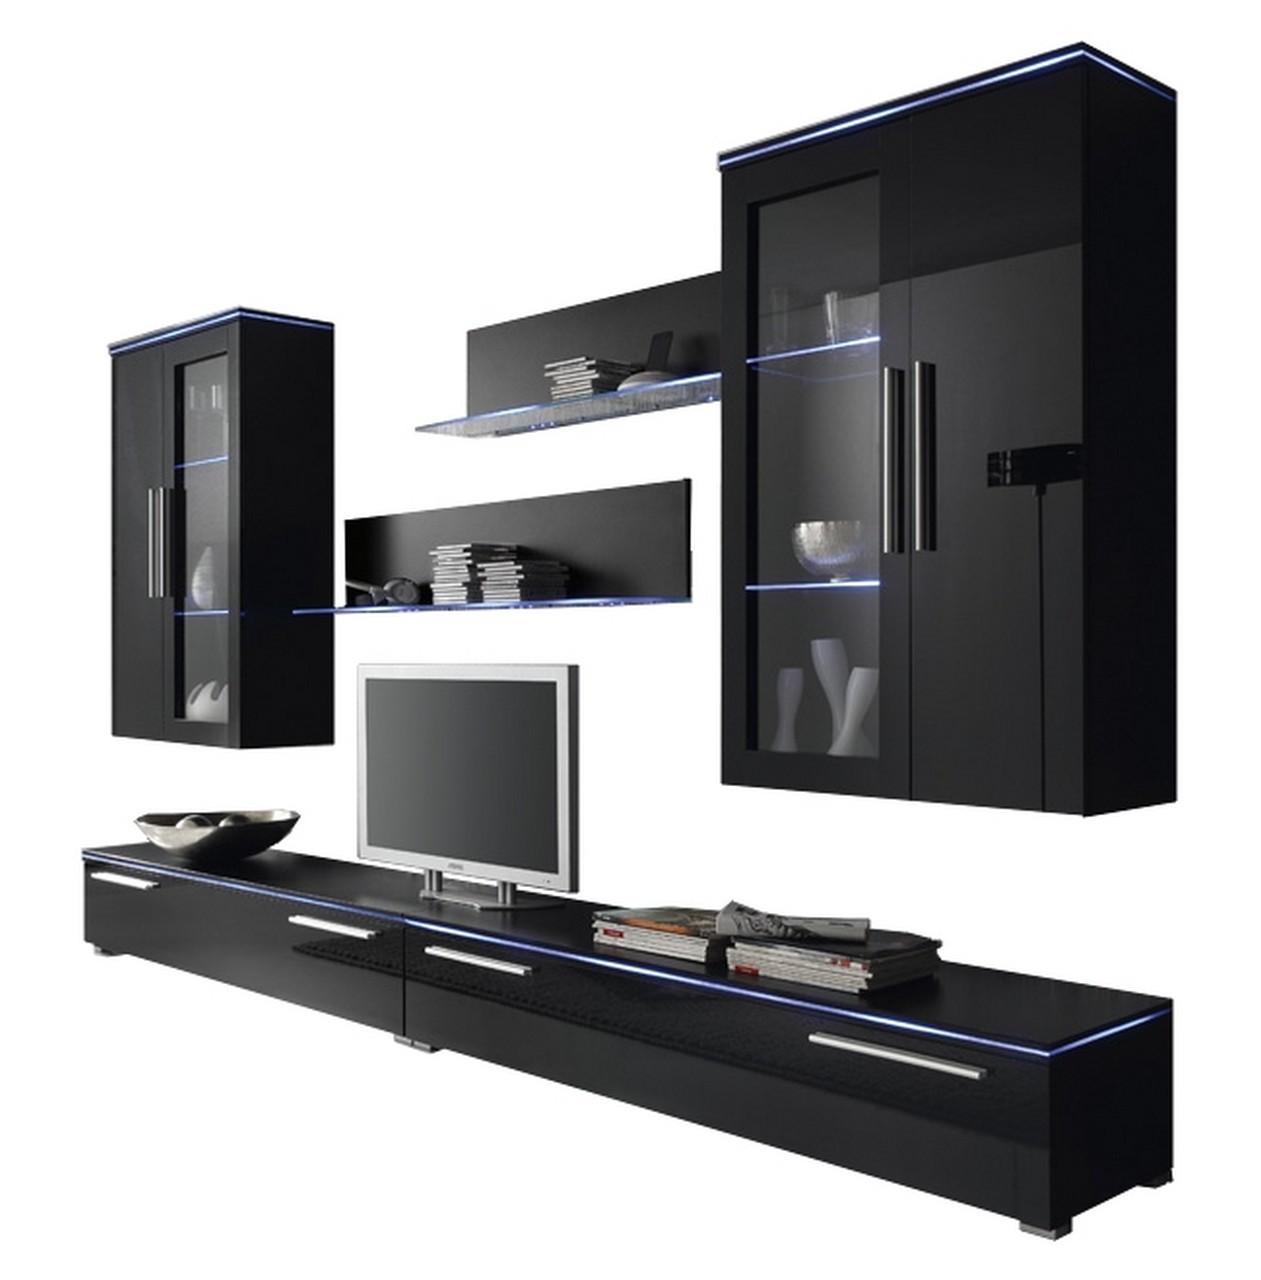 moebel24 pl wohnwand leverkusen mit rgb beleuchtung hochglanz ebay. Black Bedroom Furniture Sets. Home Design Ideas